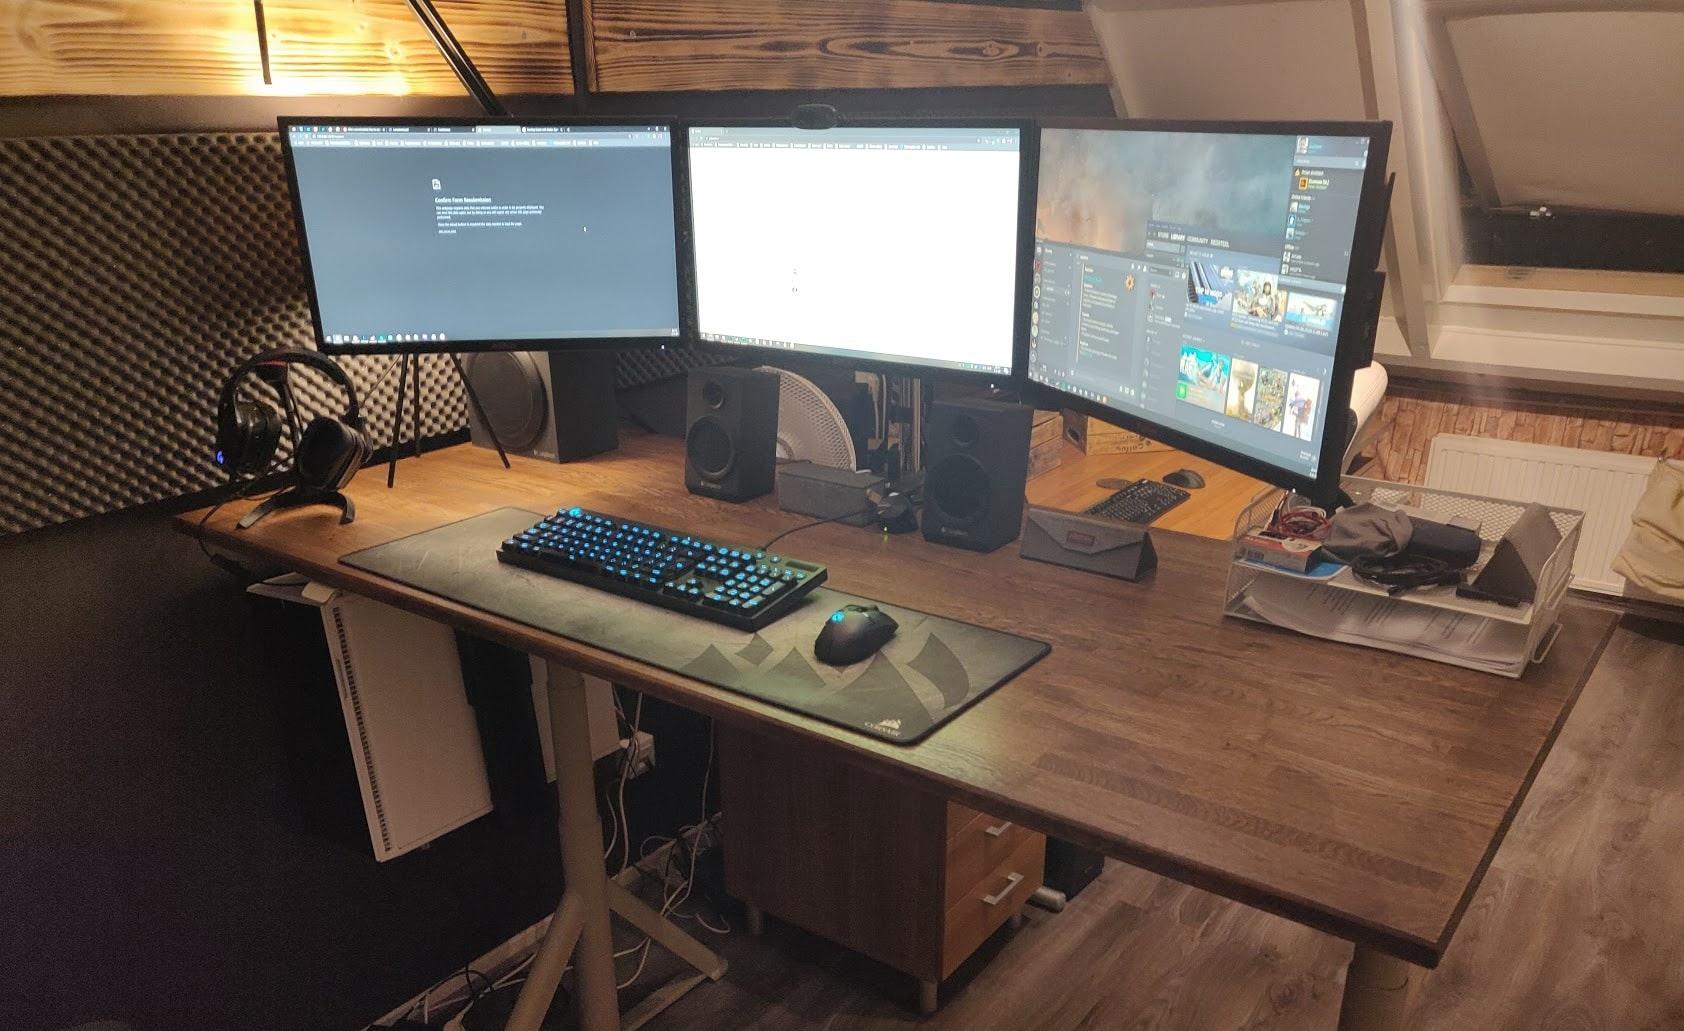 Een zit-sta bureau met drie schermen en een verlicht toetsenbord. Zijn computerkast hangt links onder het bureau.